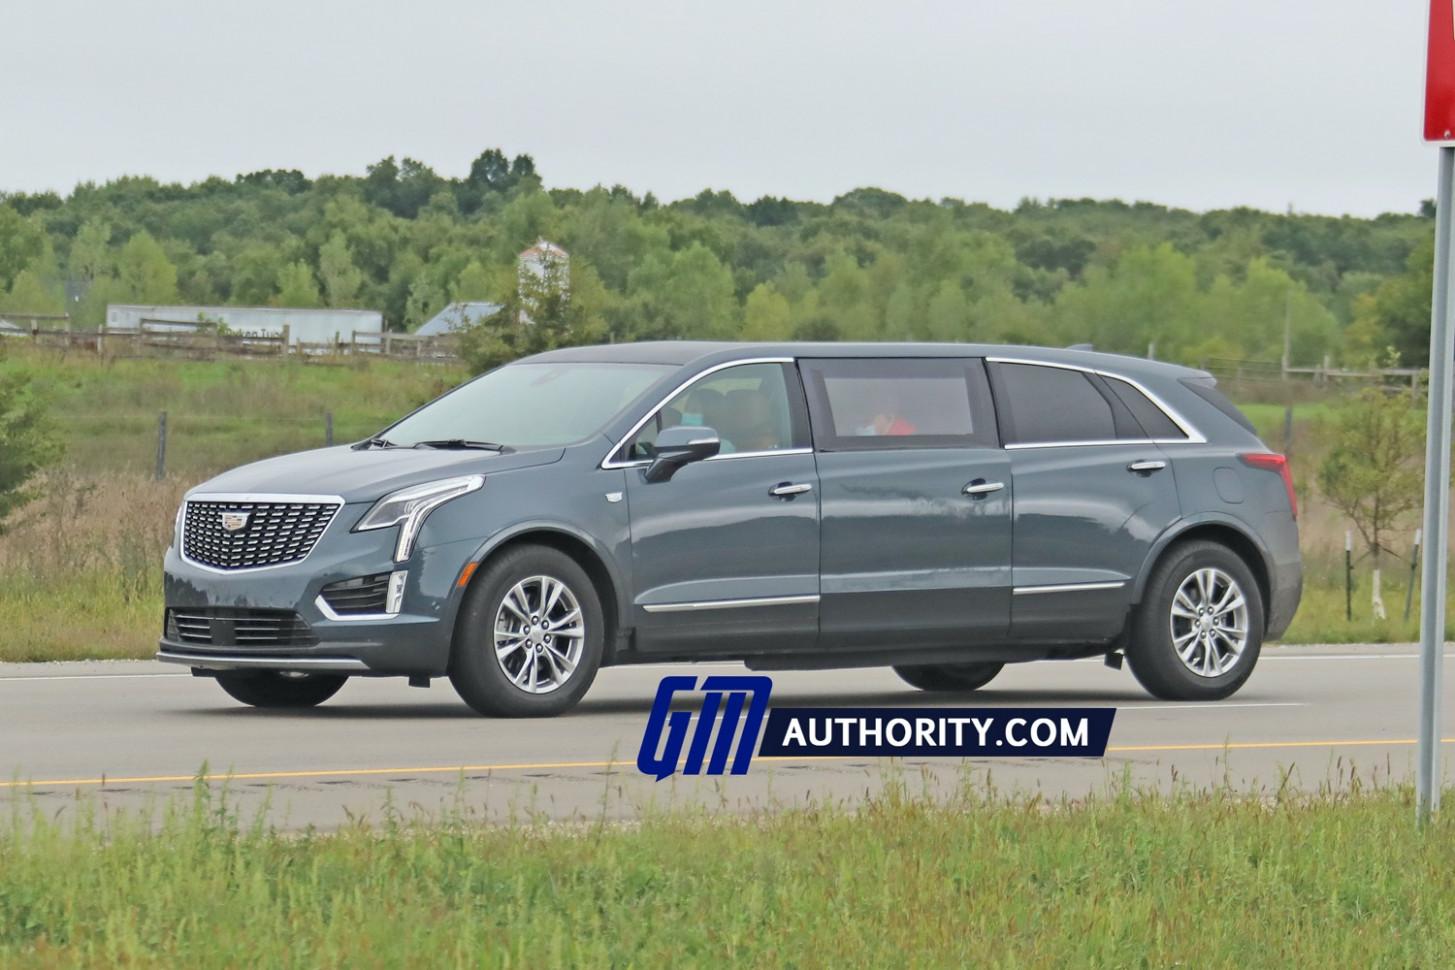 Spesification 2022 Spy Shots Cadillac Xt5